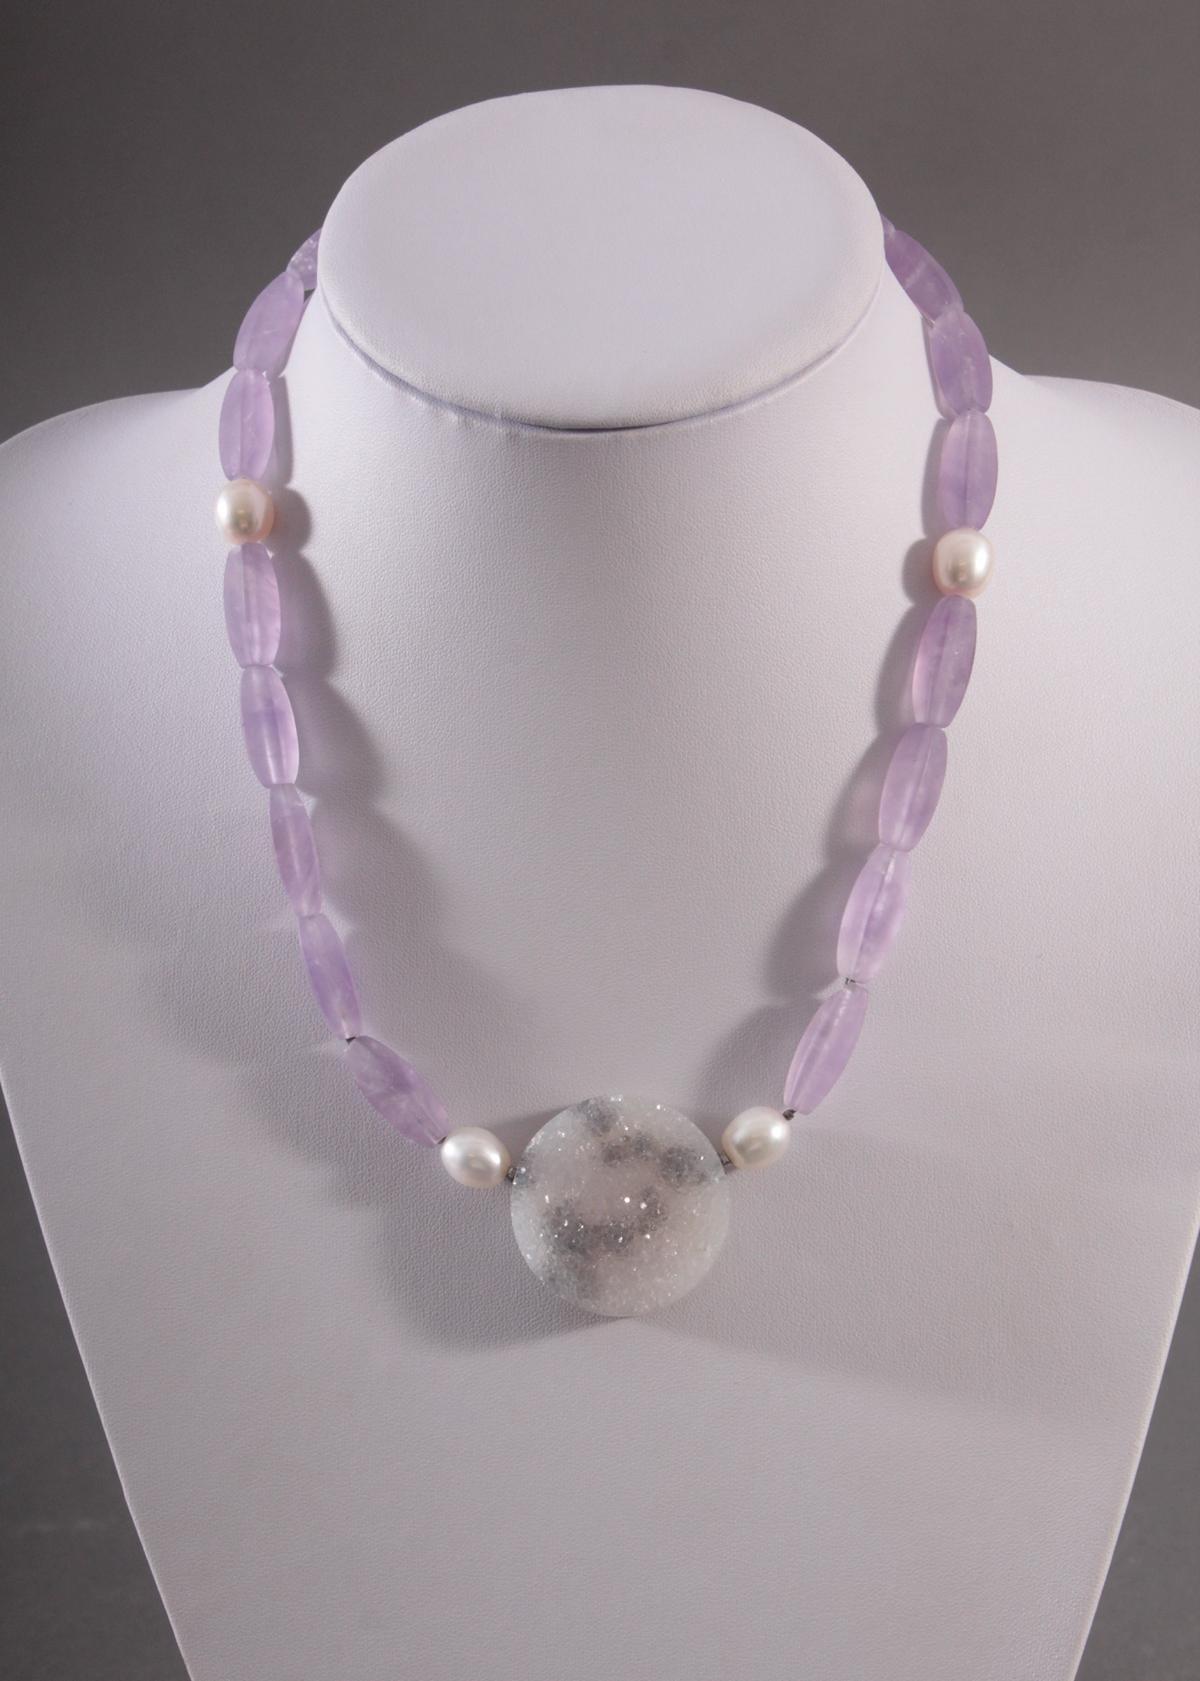 Halskette aus Amethyst, Kristallquarz und Perlen